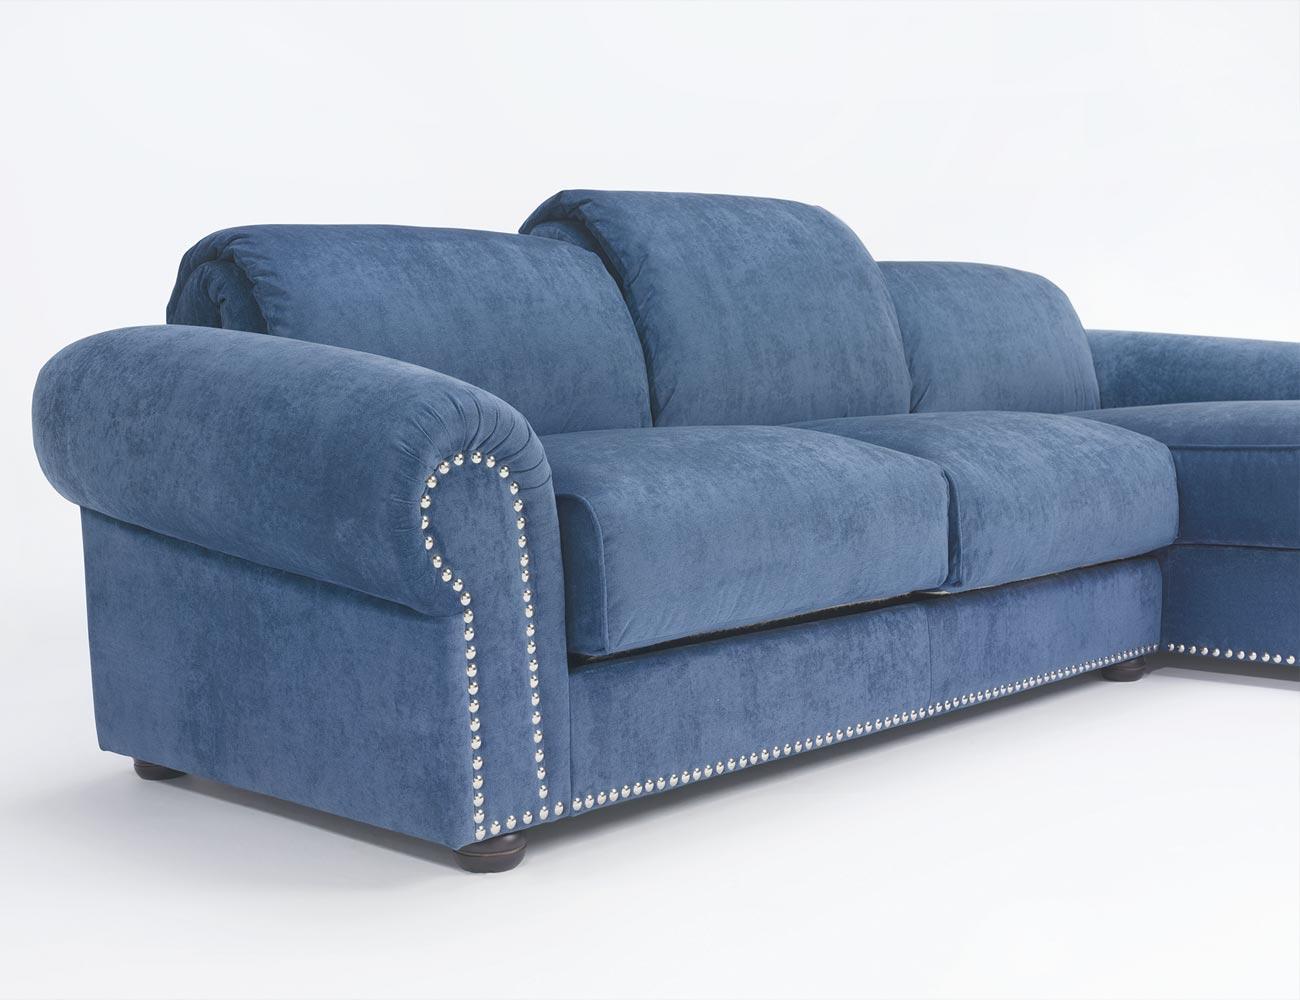 Sofa chaiselongue gran lujo decorativo azul 130